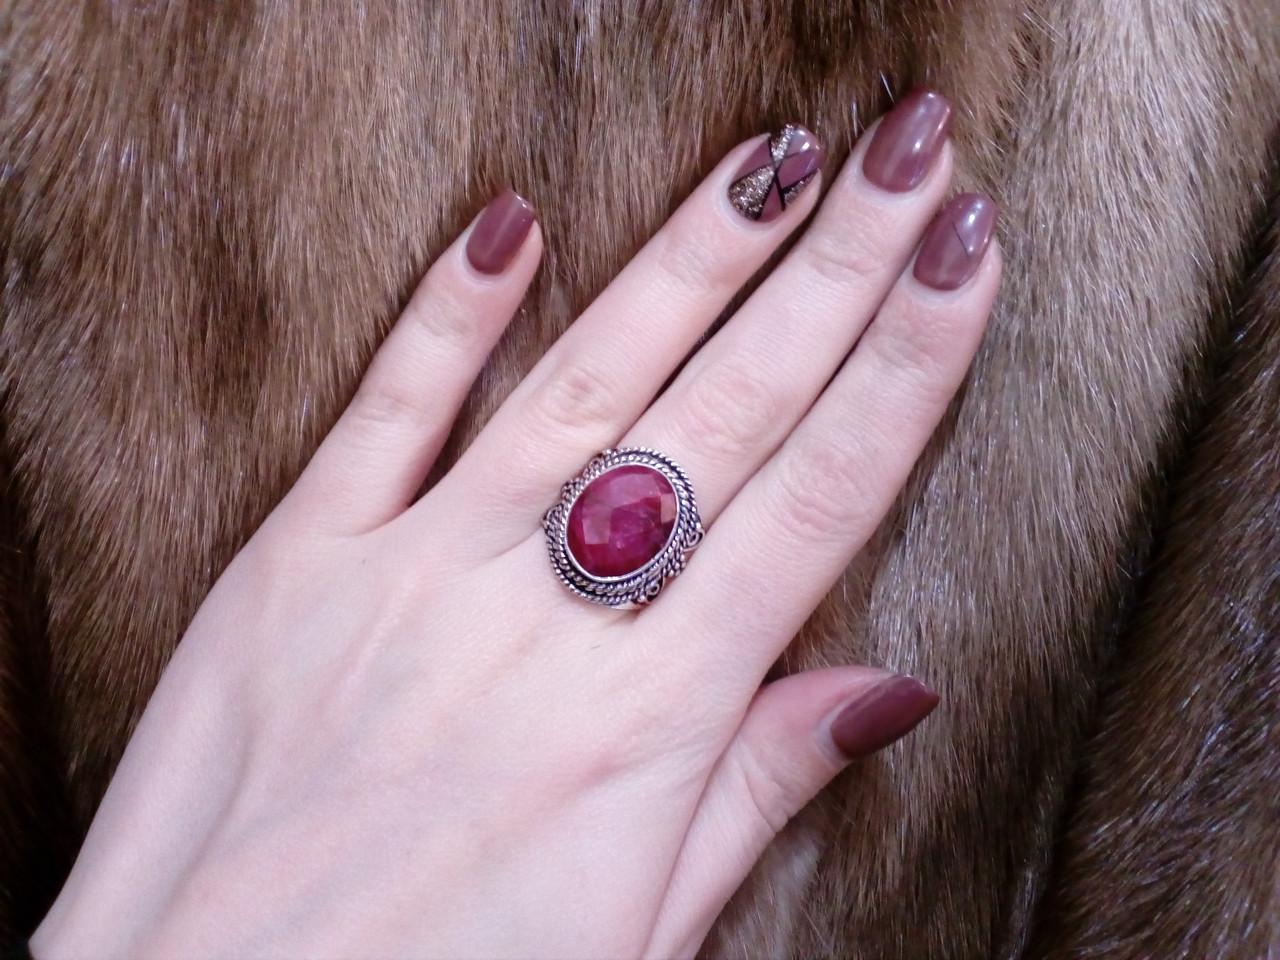 Красивое кольцо рубин. Кольцо с рубином. Размер 19. Индия!